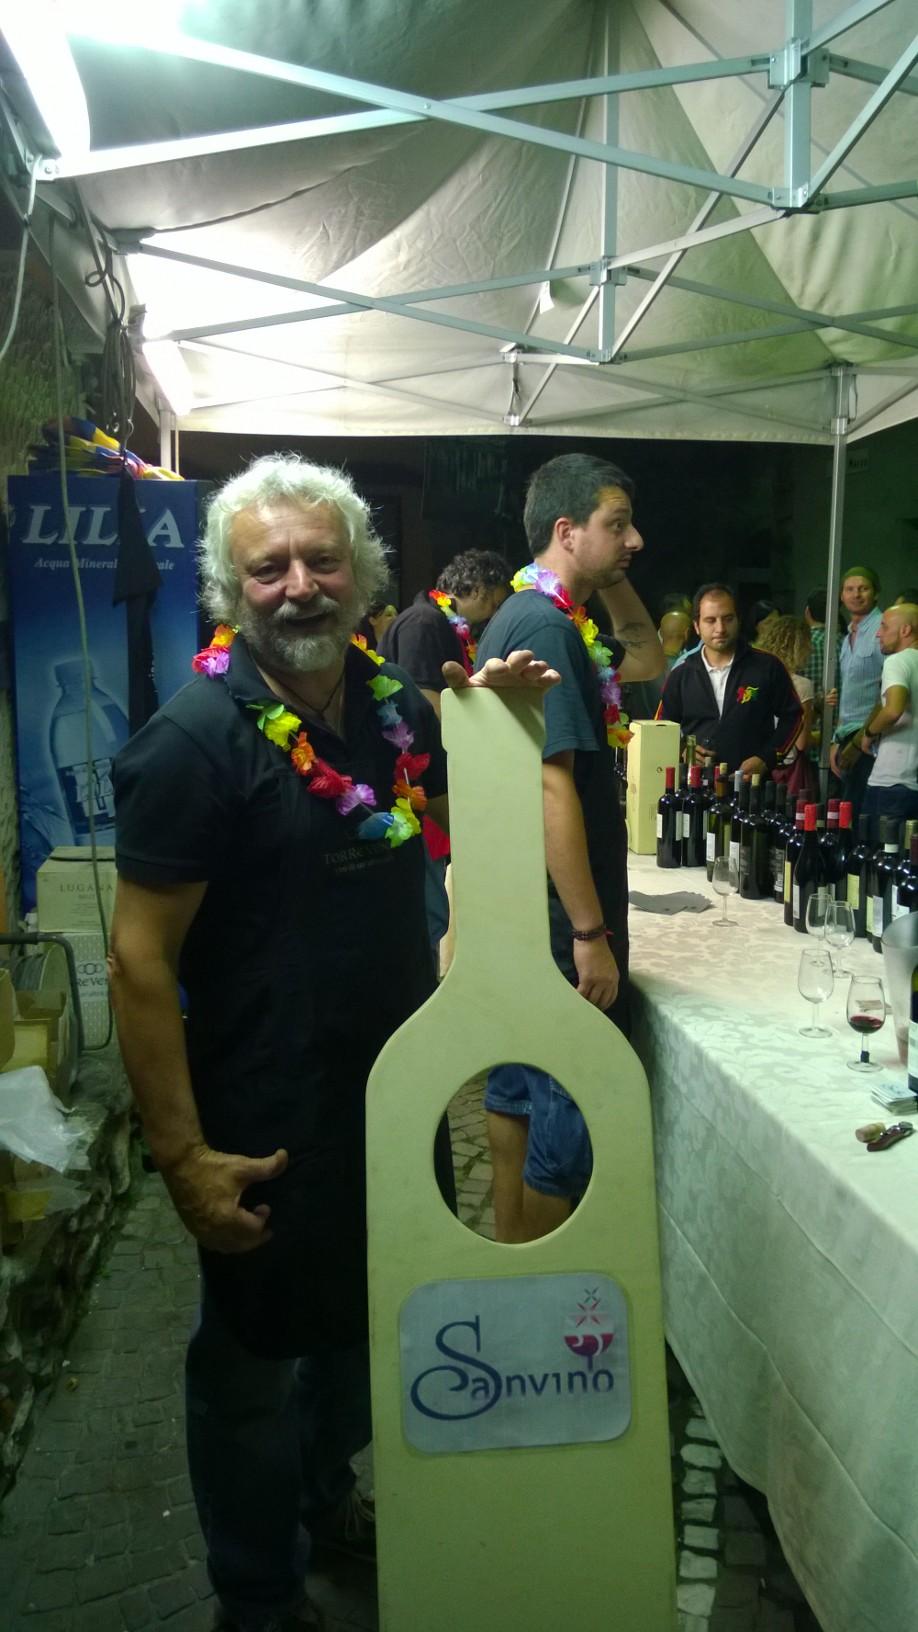 Seconda serata di Sanvino 2014: una interpretaziuone di Paolo Zazza...